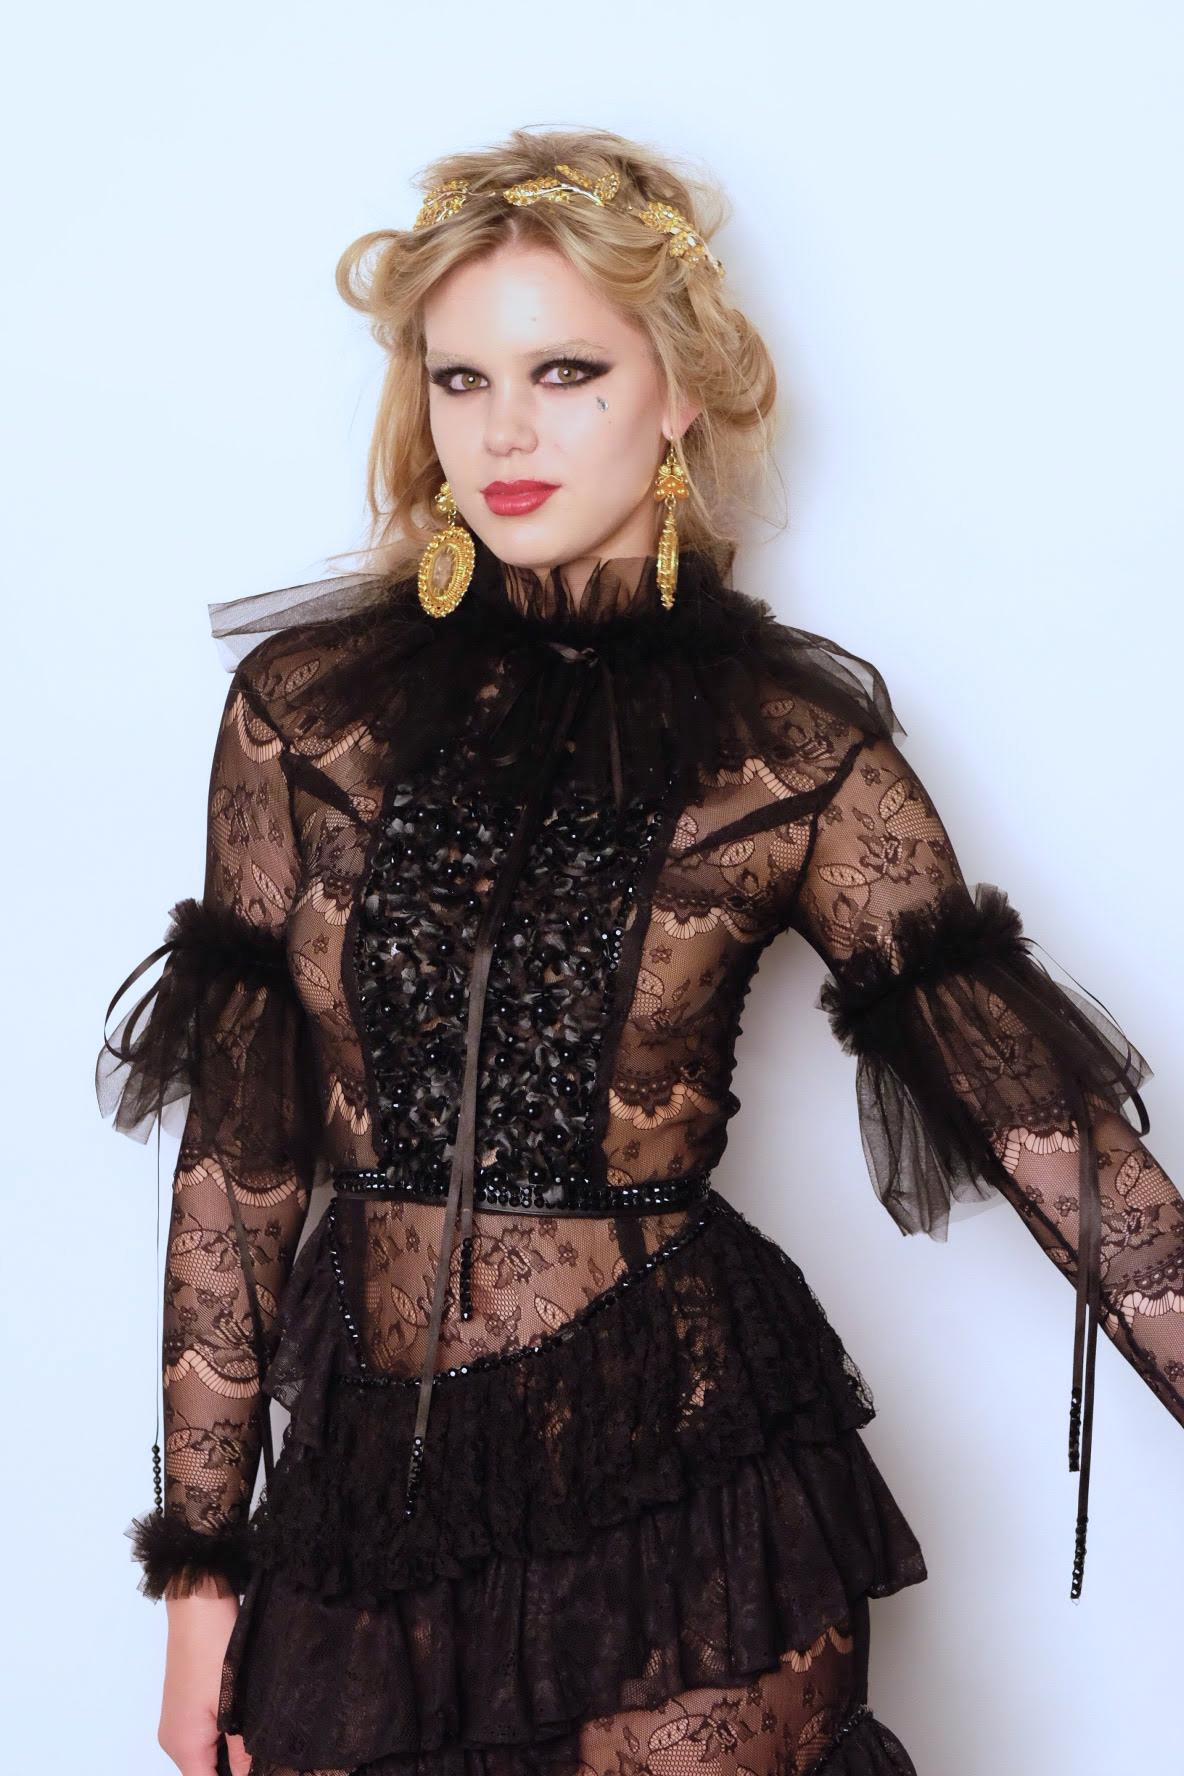 LAFW F/W16 Designer: Michael Sta Maria Lead Hair: Luxelab Bel Air Stylist Timothy Ro Photo: Liz Abrams